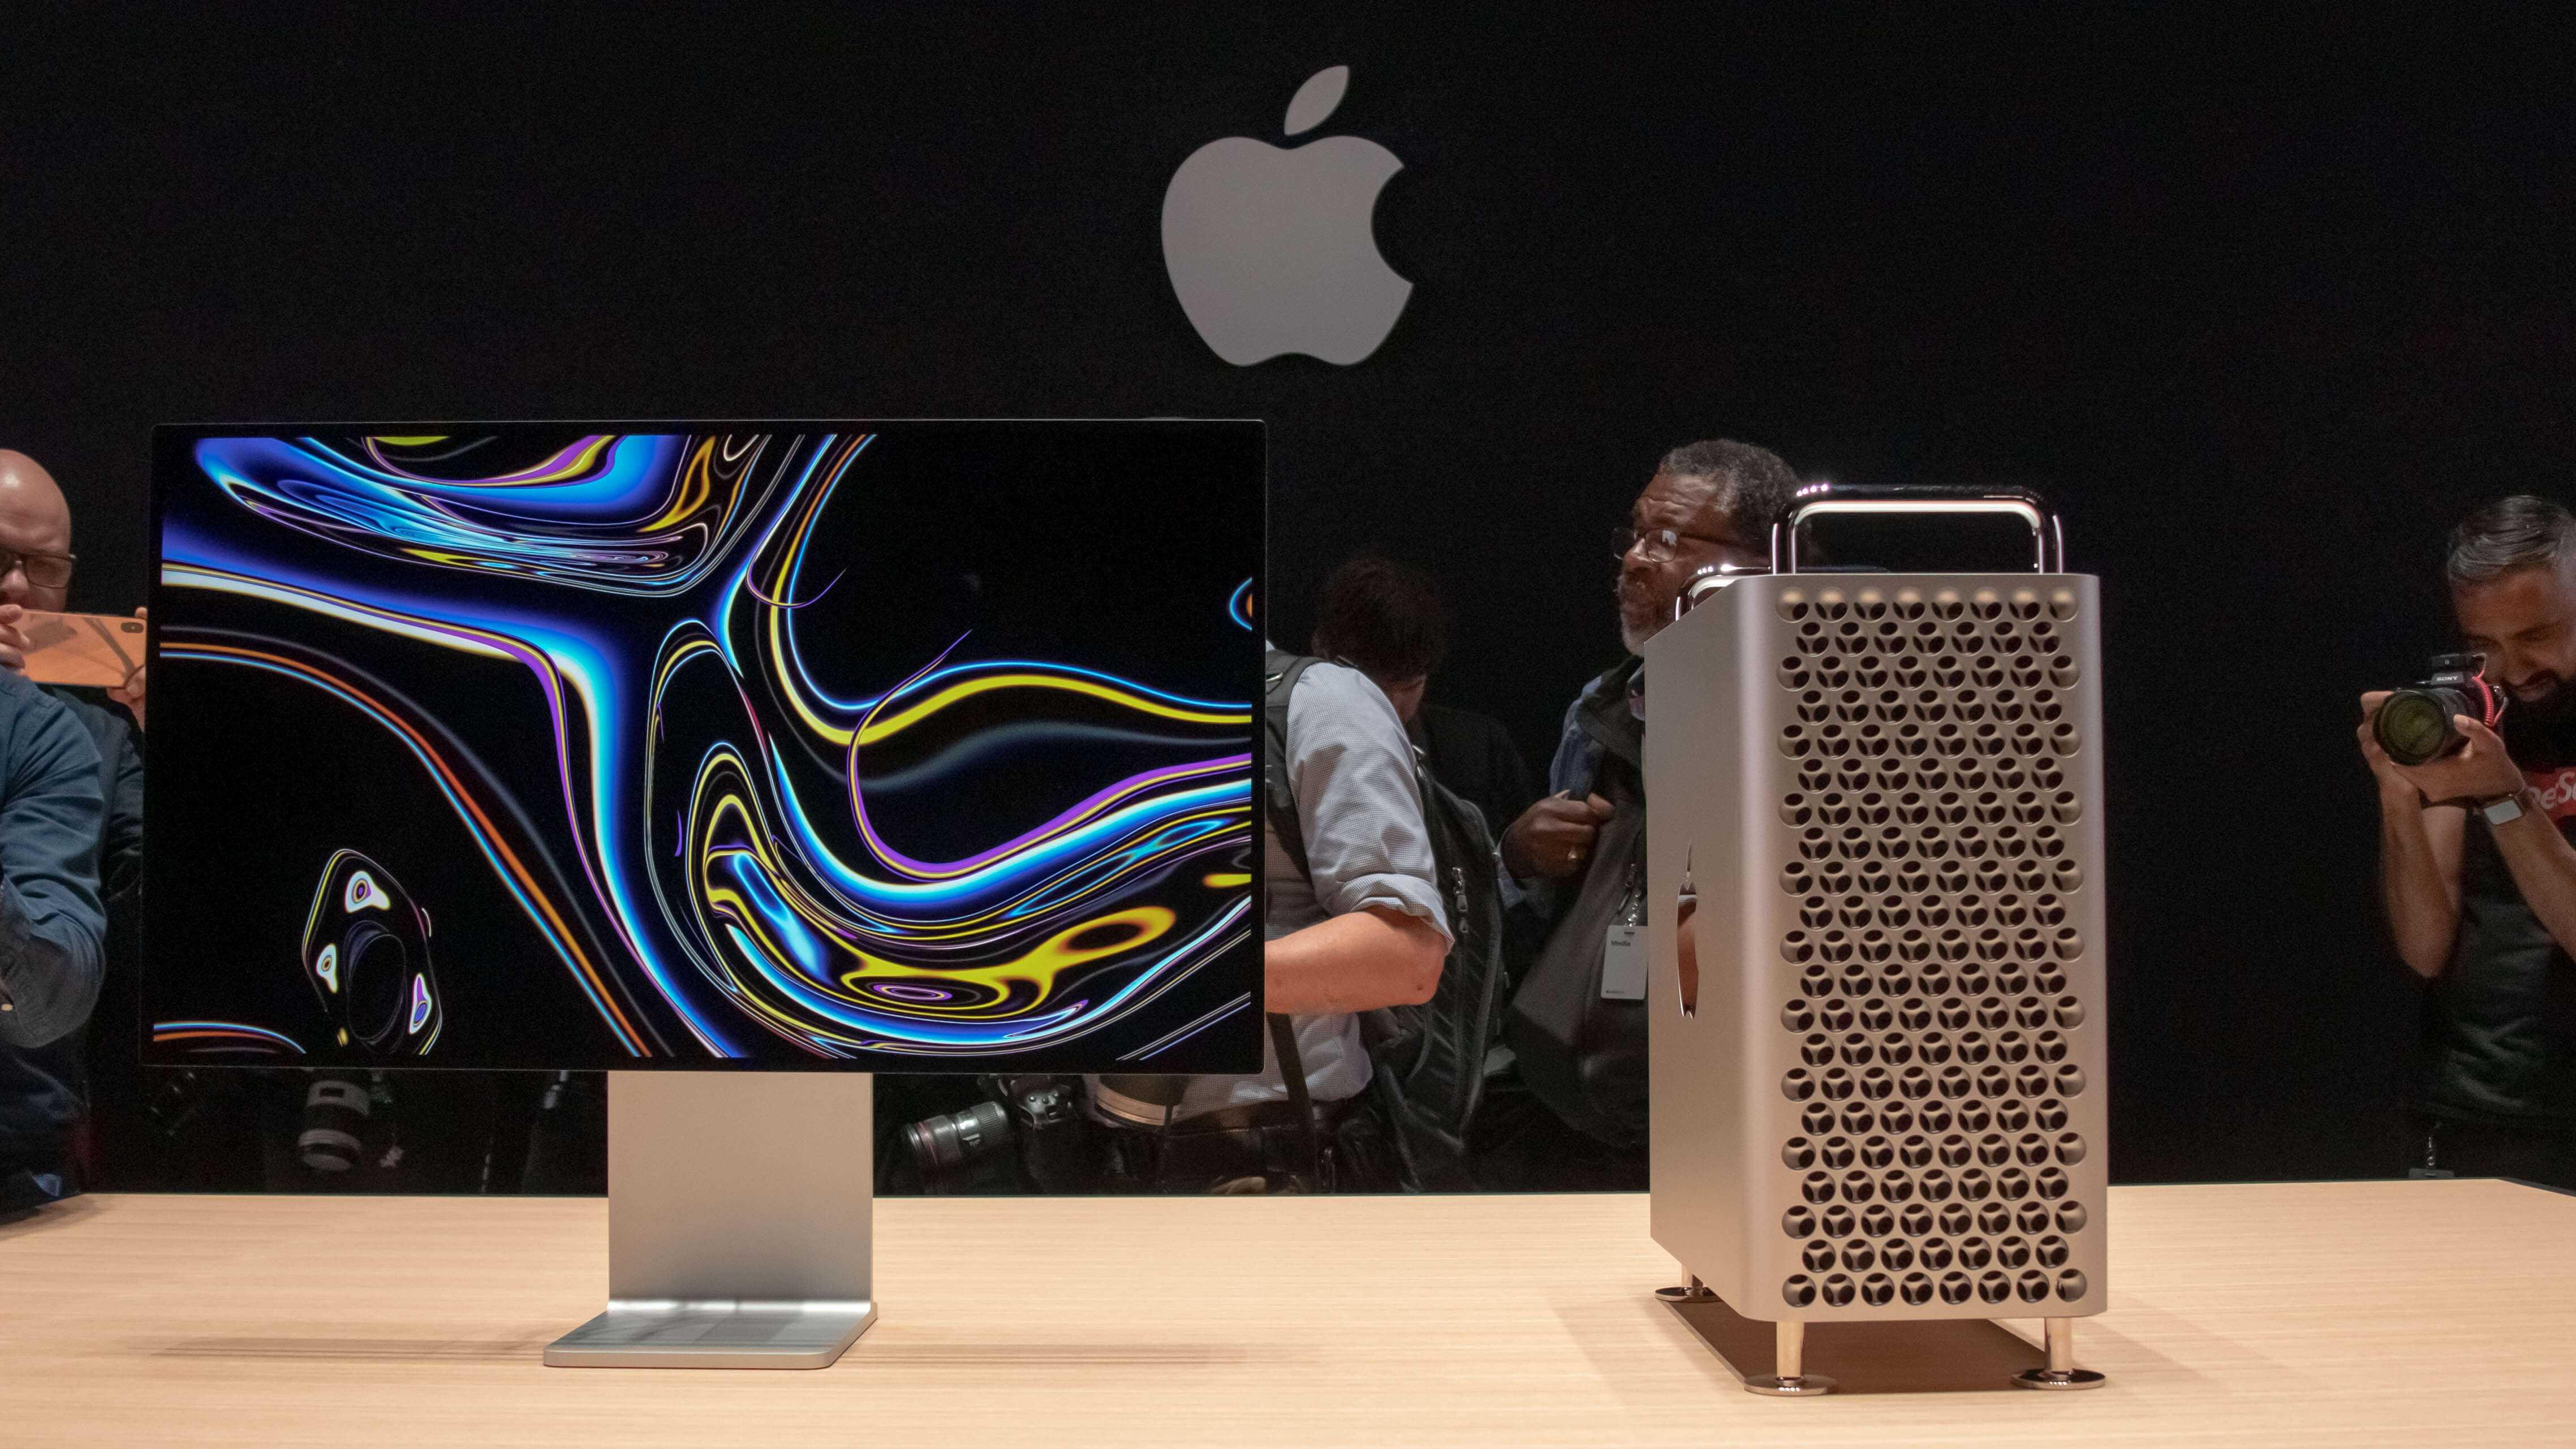 Не спешите в магазин: apple выпустит два macbook pro с новым дизайном в 2021 году   appleinsider.ru